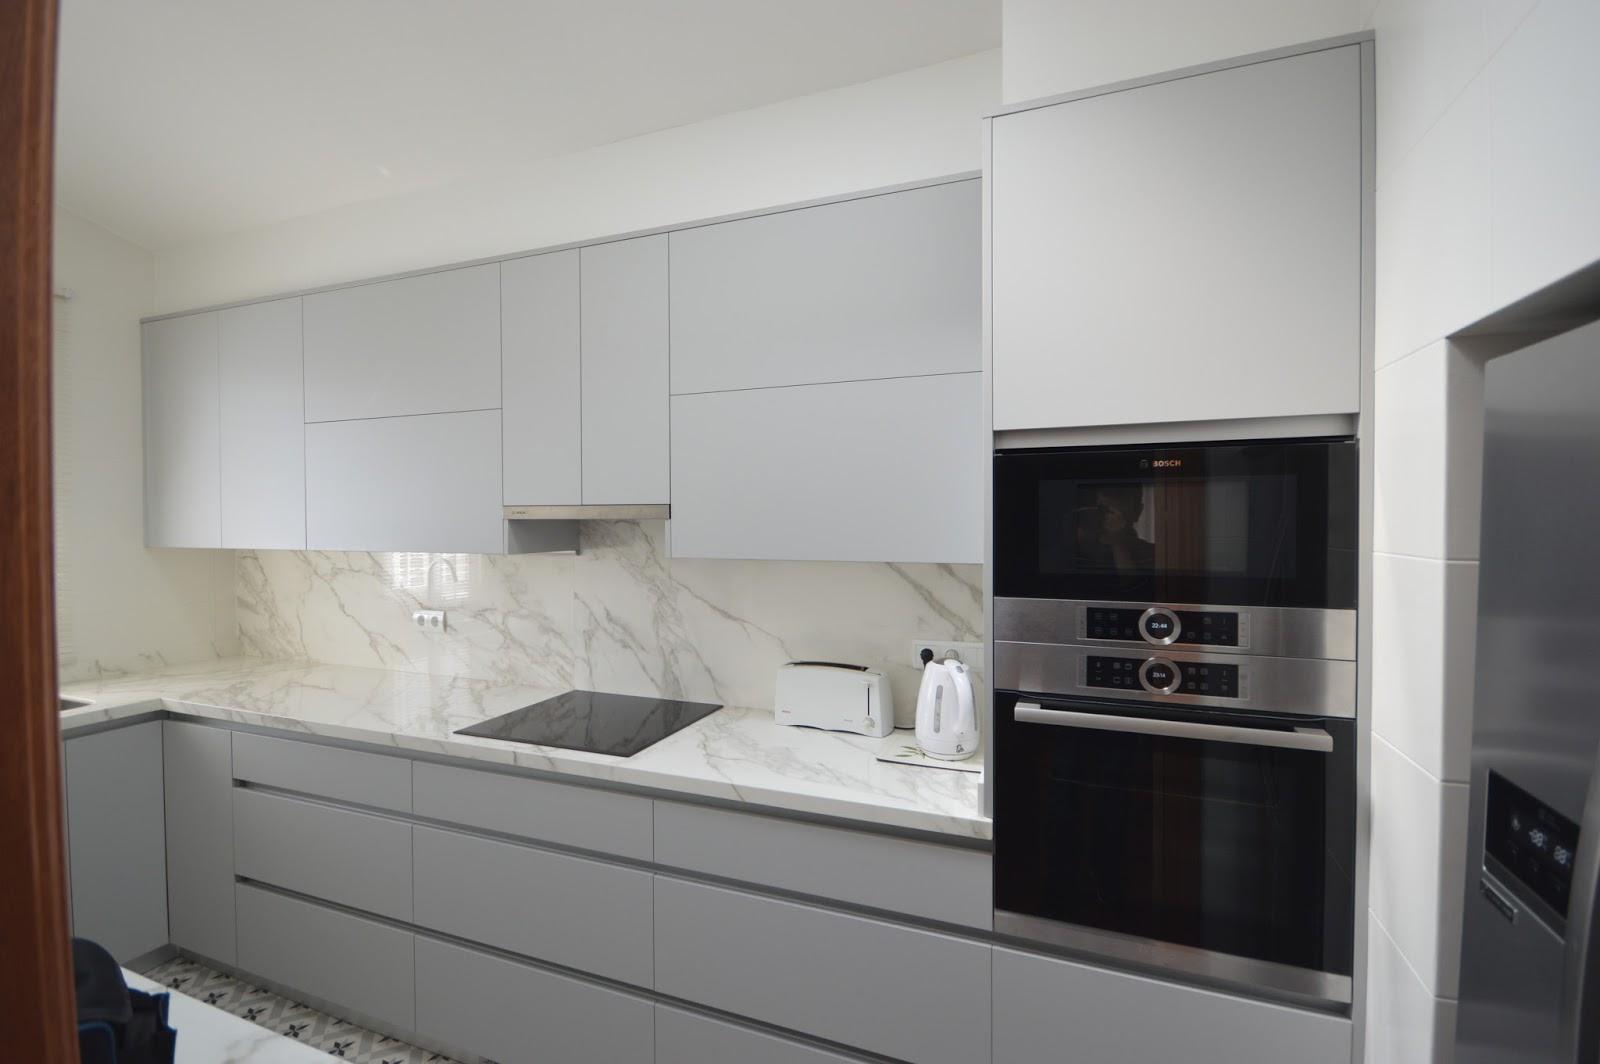 Reuscuina muebles de cocina gris con gola y neolith pulido for Muebles de cocina gris